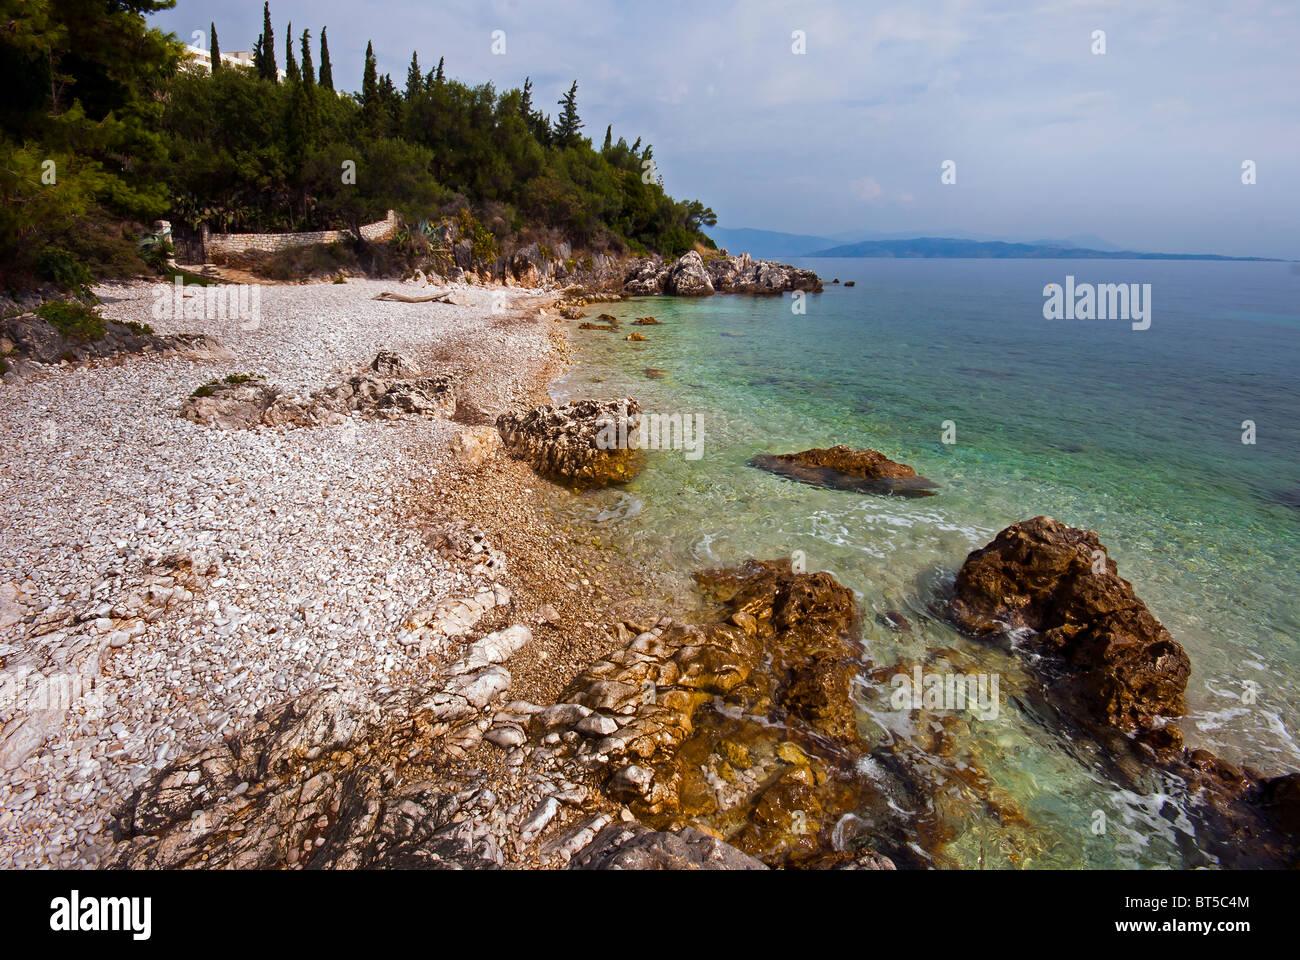 Small beach at Apolysi, Corfu, Ionian Islands Greece. - Stock Image